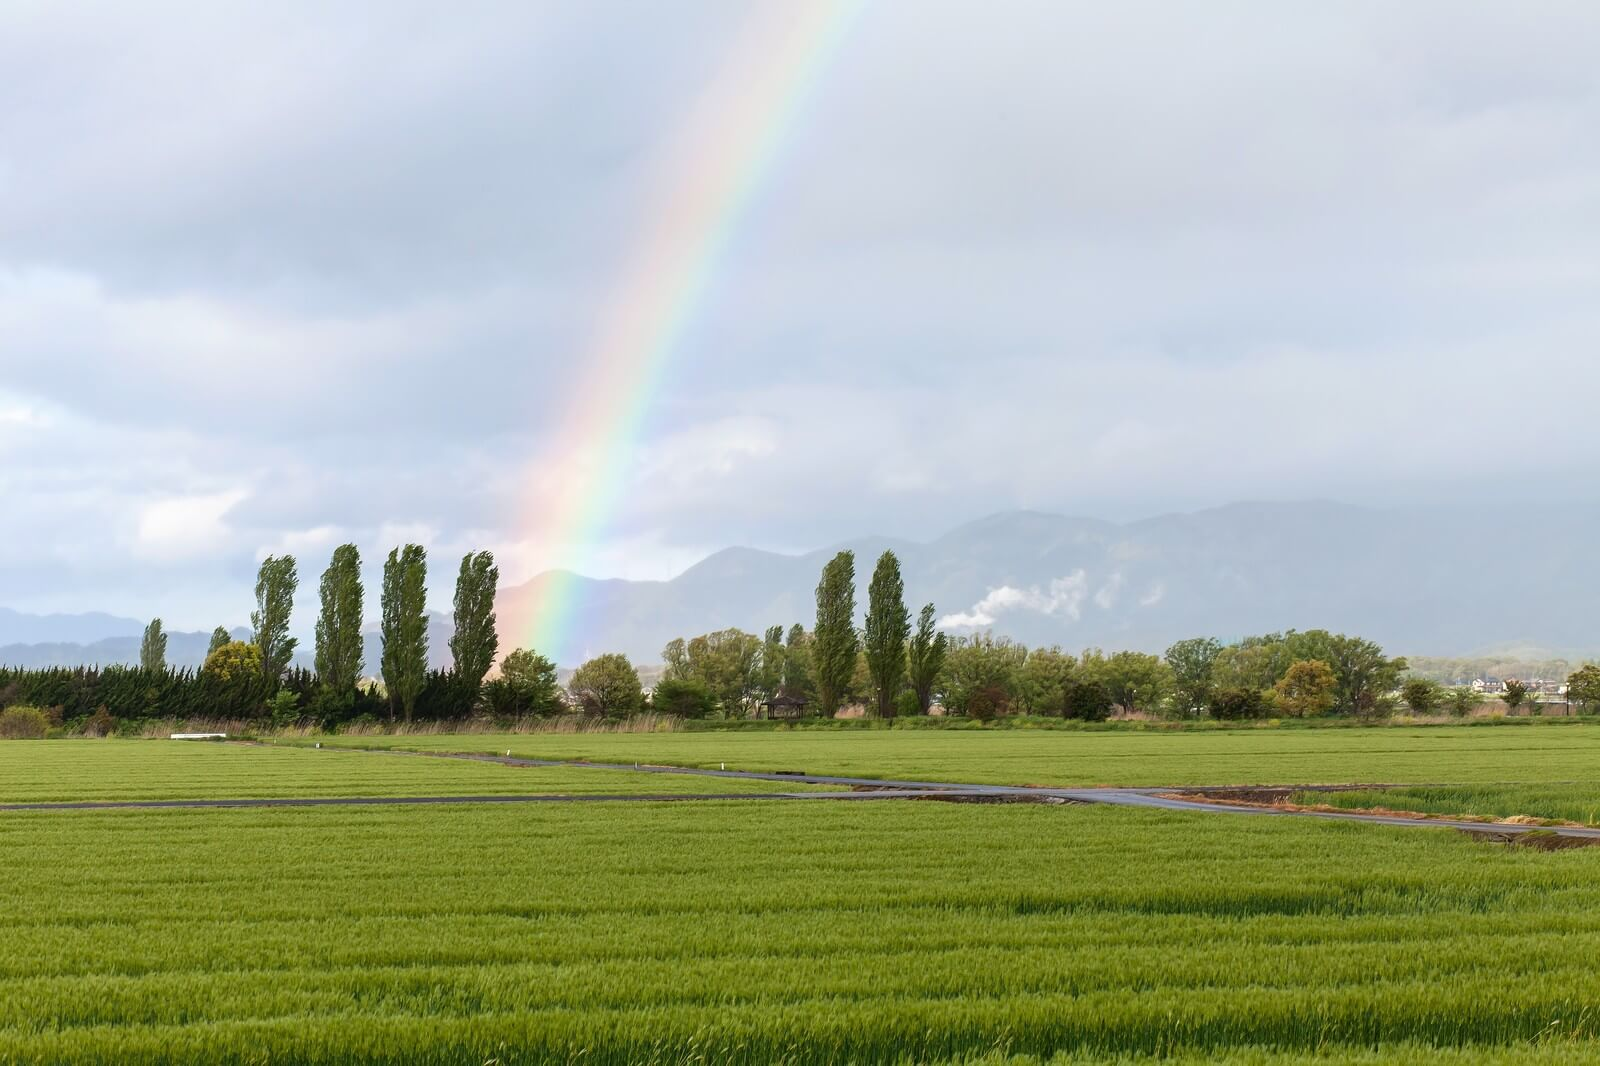 今から晴れるよ!「白虹」が現れる:見たことあるかな?